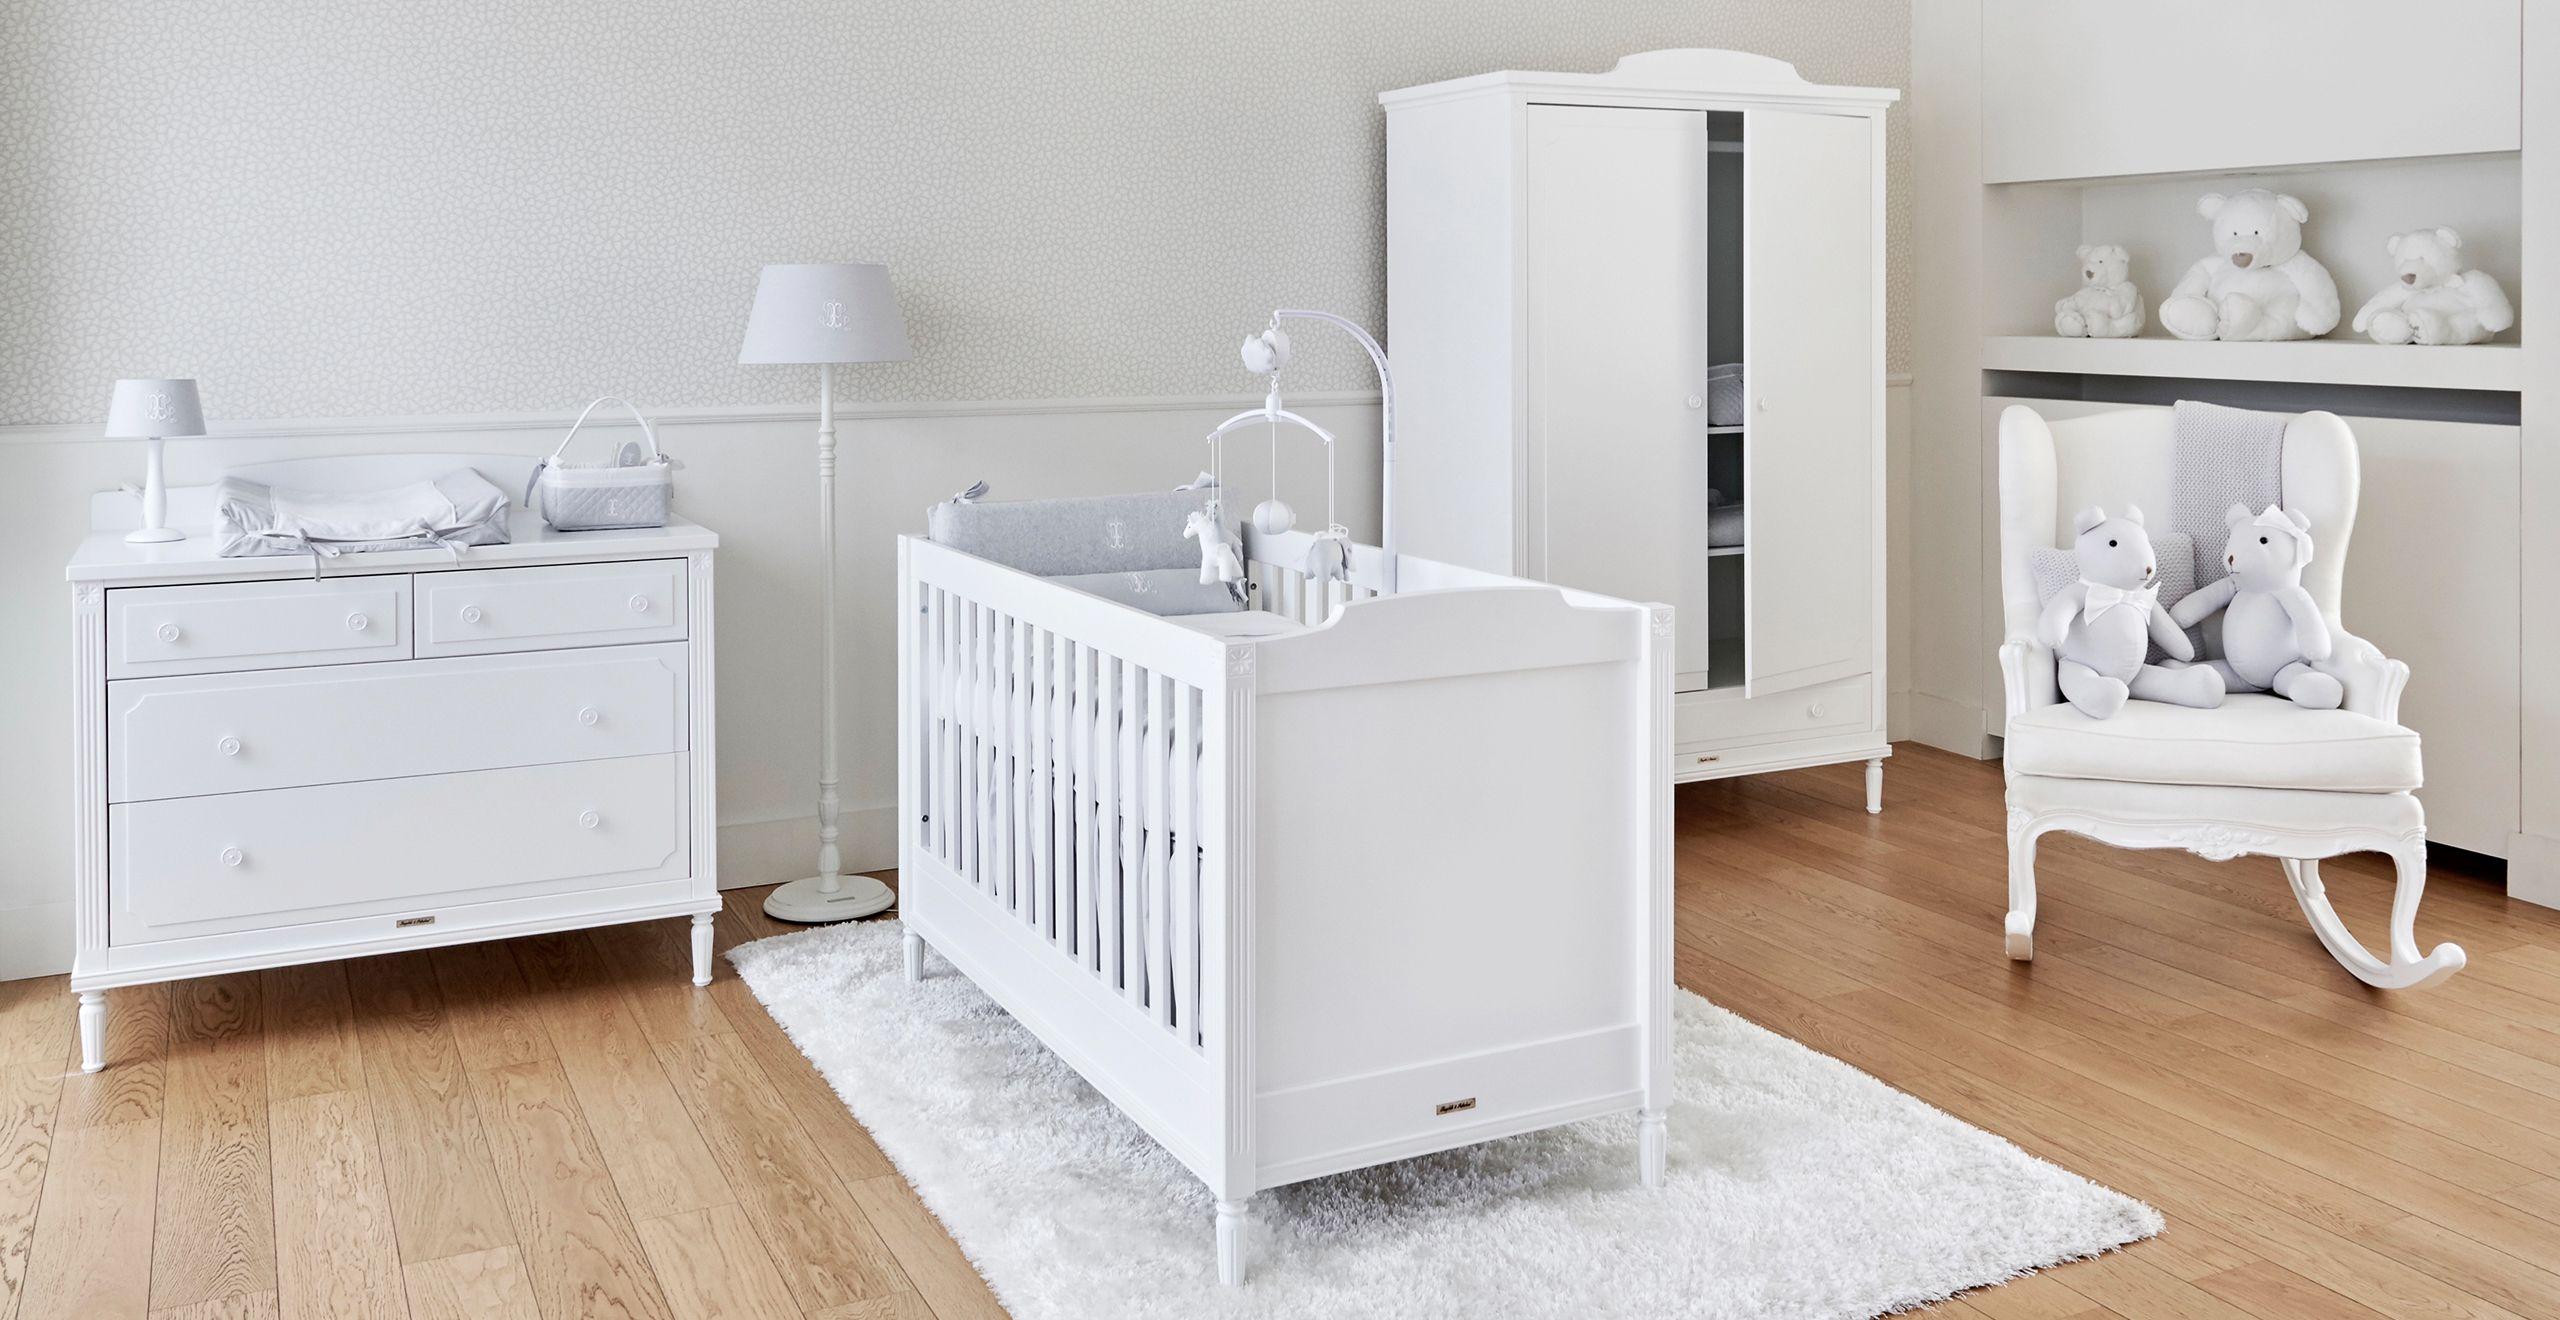 th ophile et patachou mobilier accessoires pour b b theophile patachou pinterest. Black Bedroom Furniture Sets. Home Design Ideas